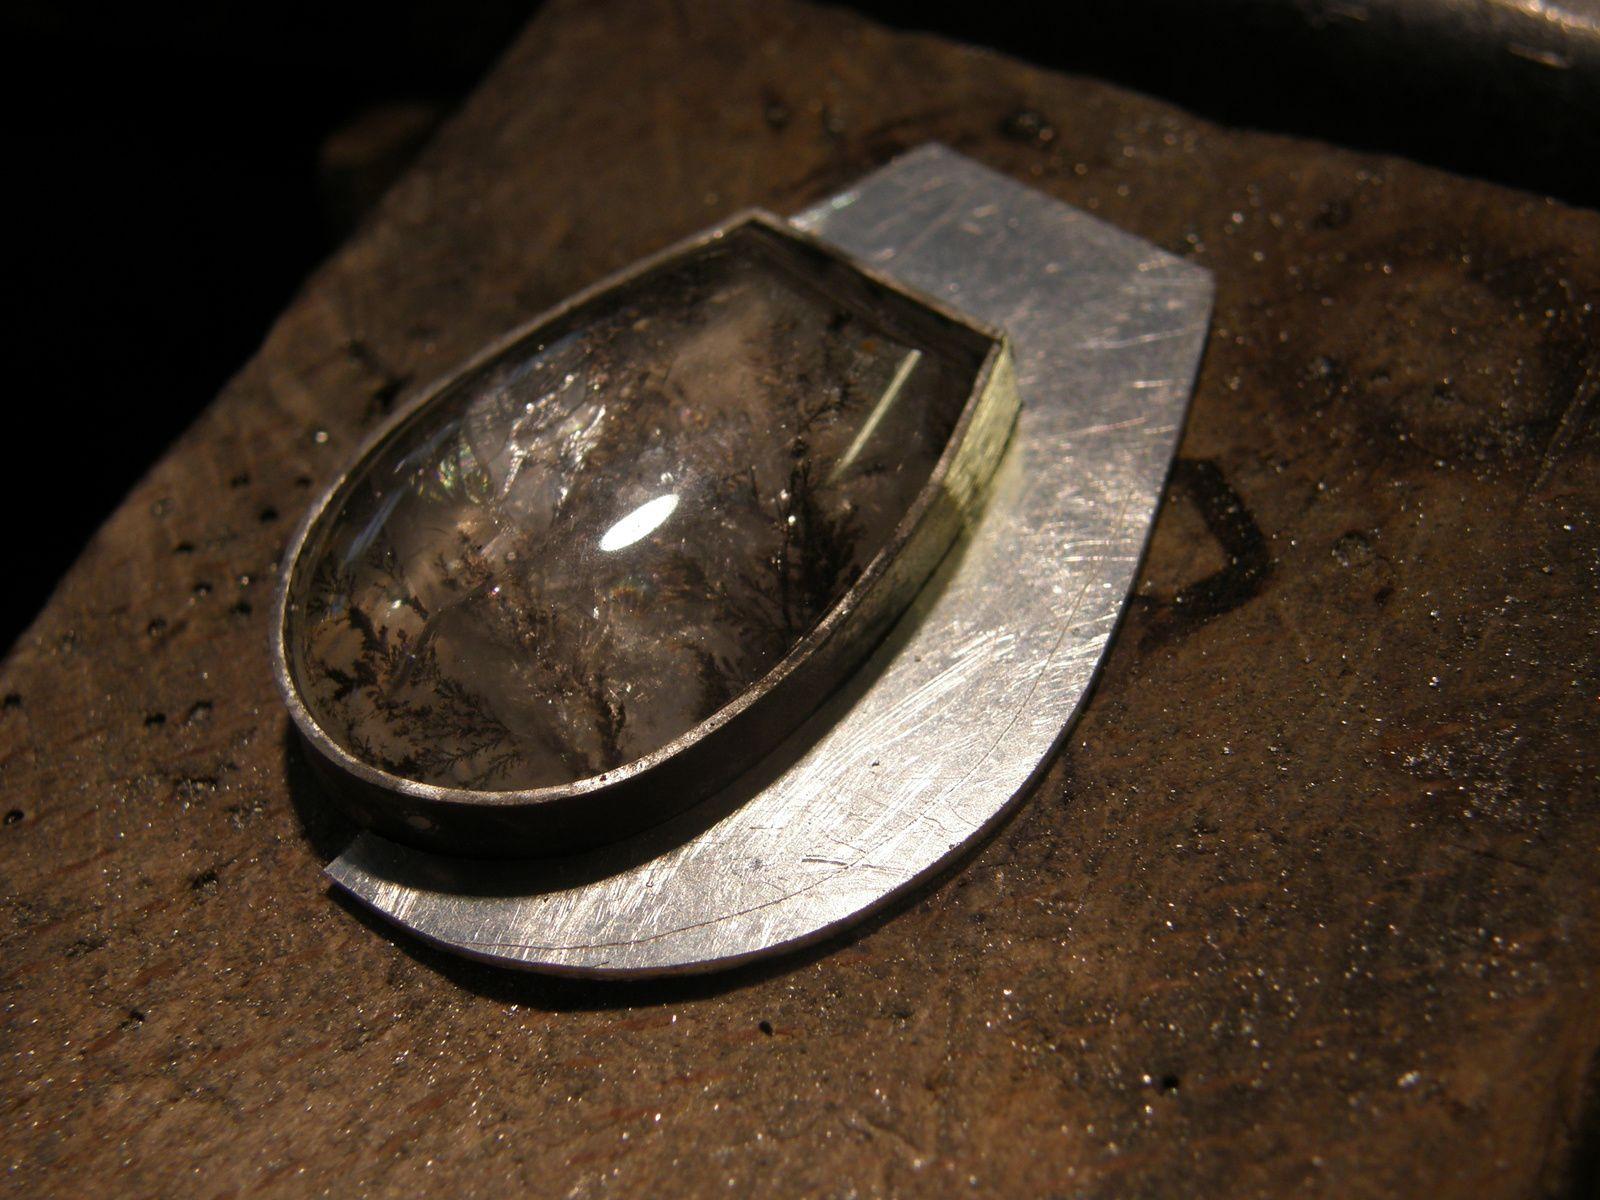 La pierre dans son serti avec le corps decoupe&#x3B; le corps est bombe&#x3B; une bate pour faire de l'epaisseur et le tube de passage de la chainette.